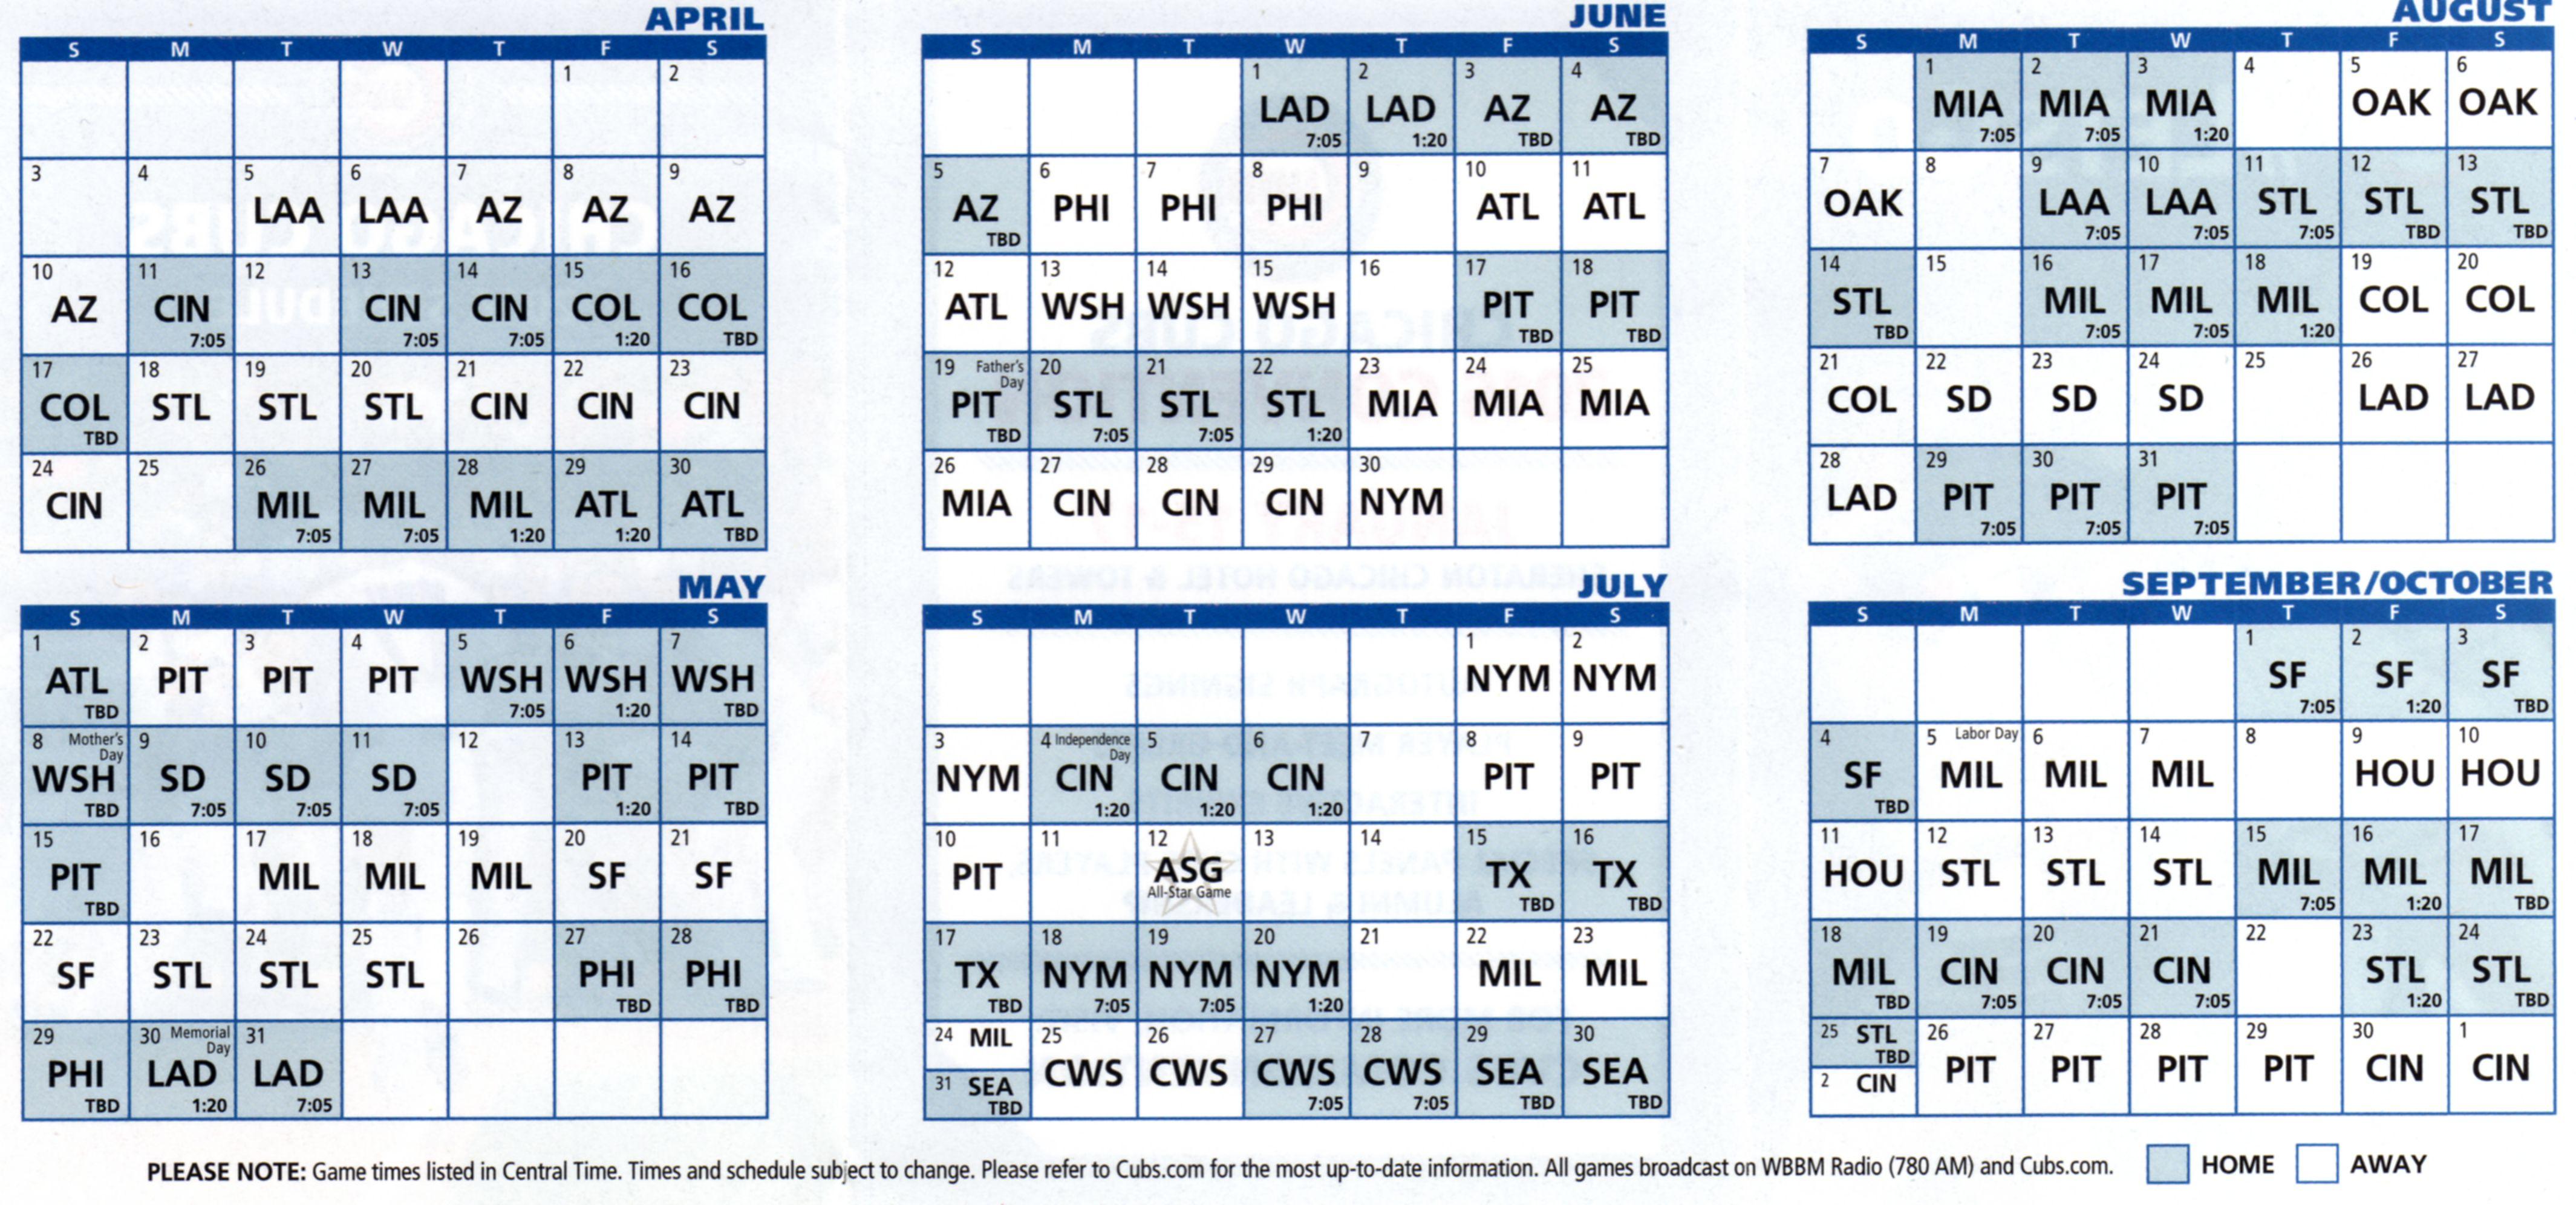 Cubs Schedule 2017 Excel